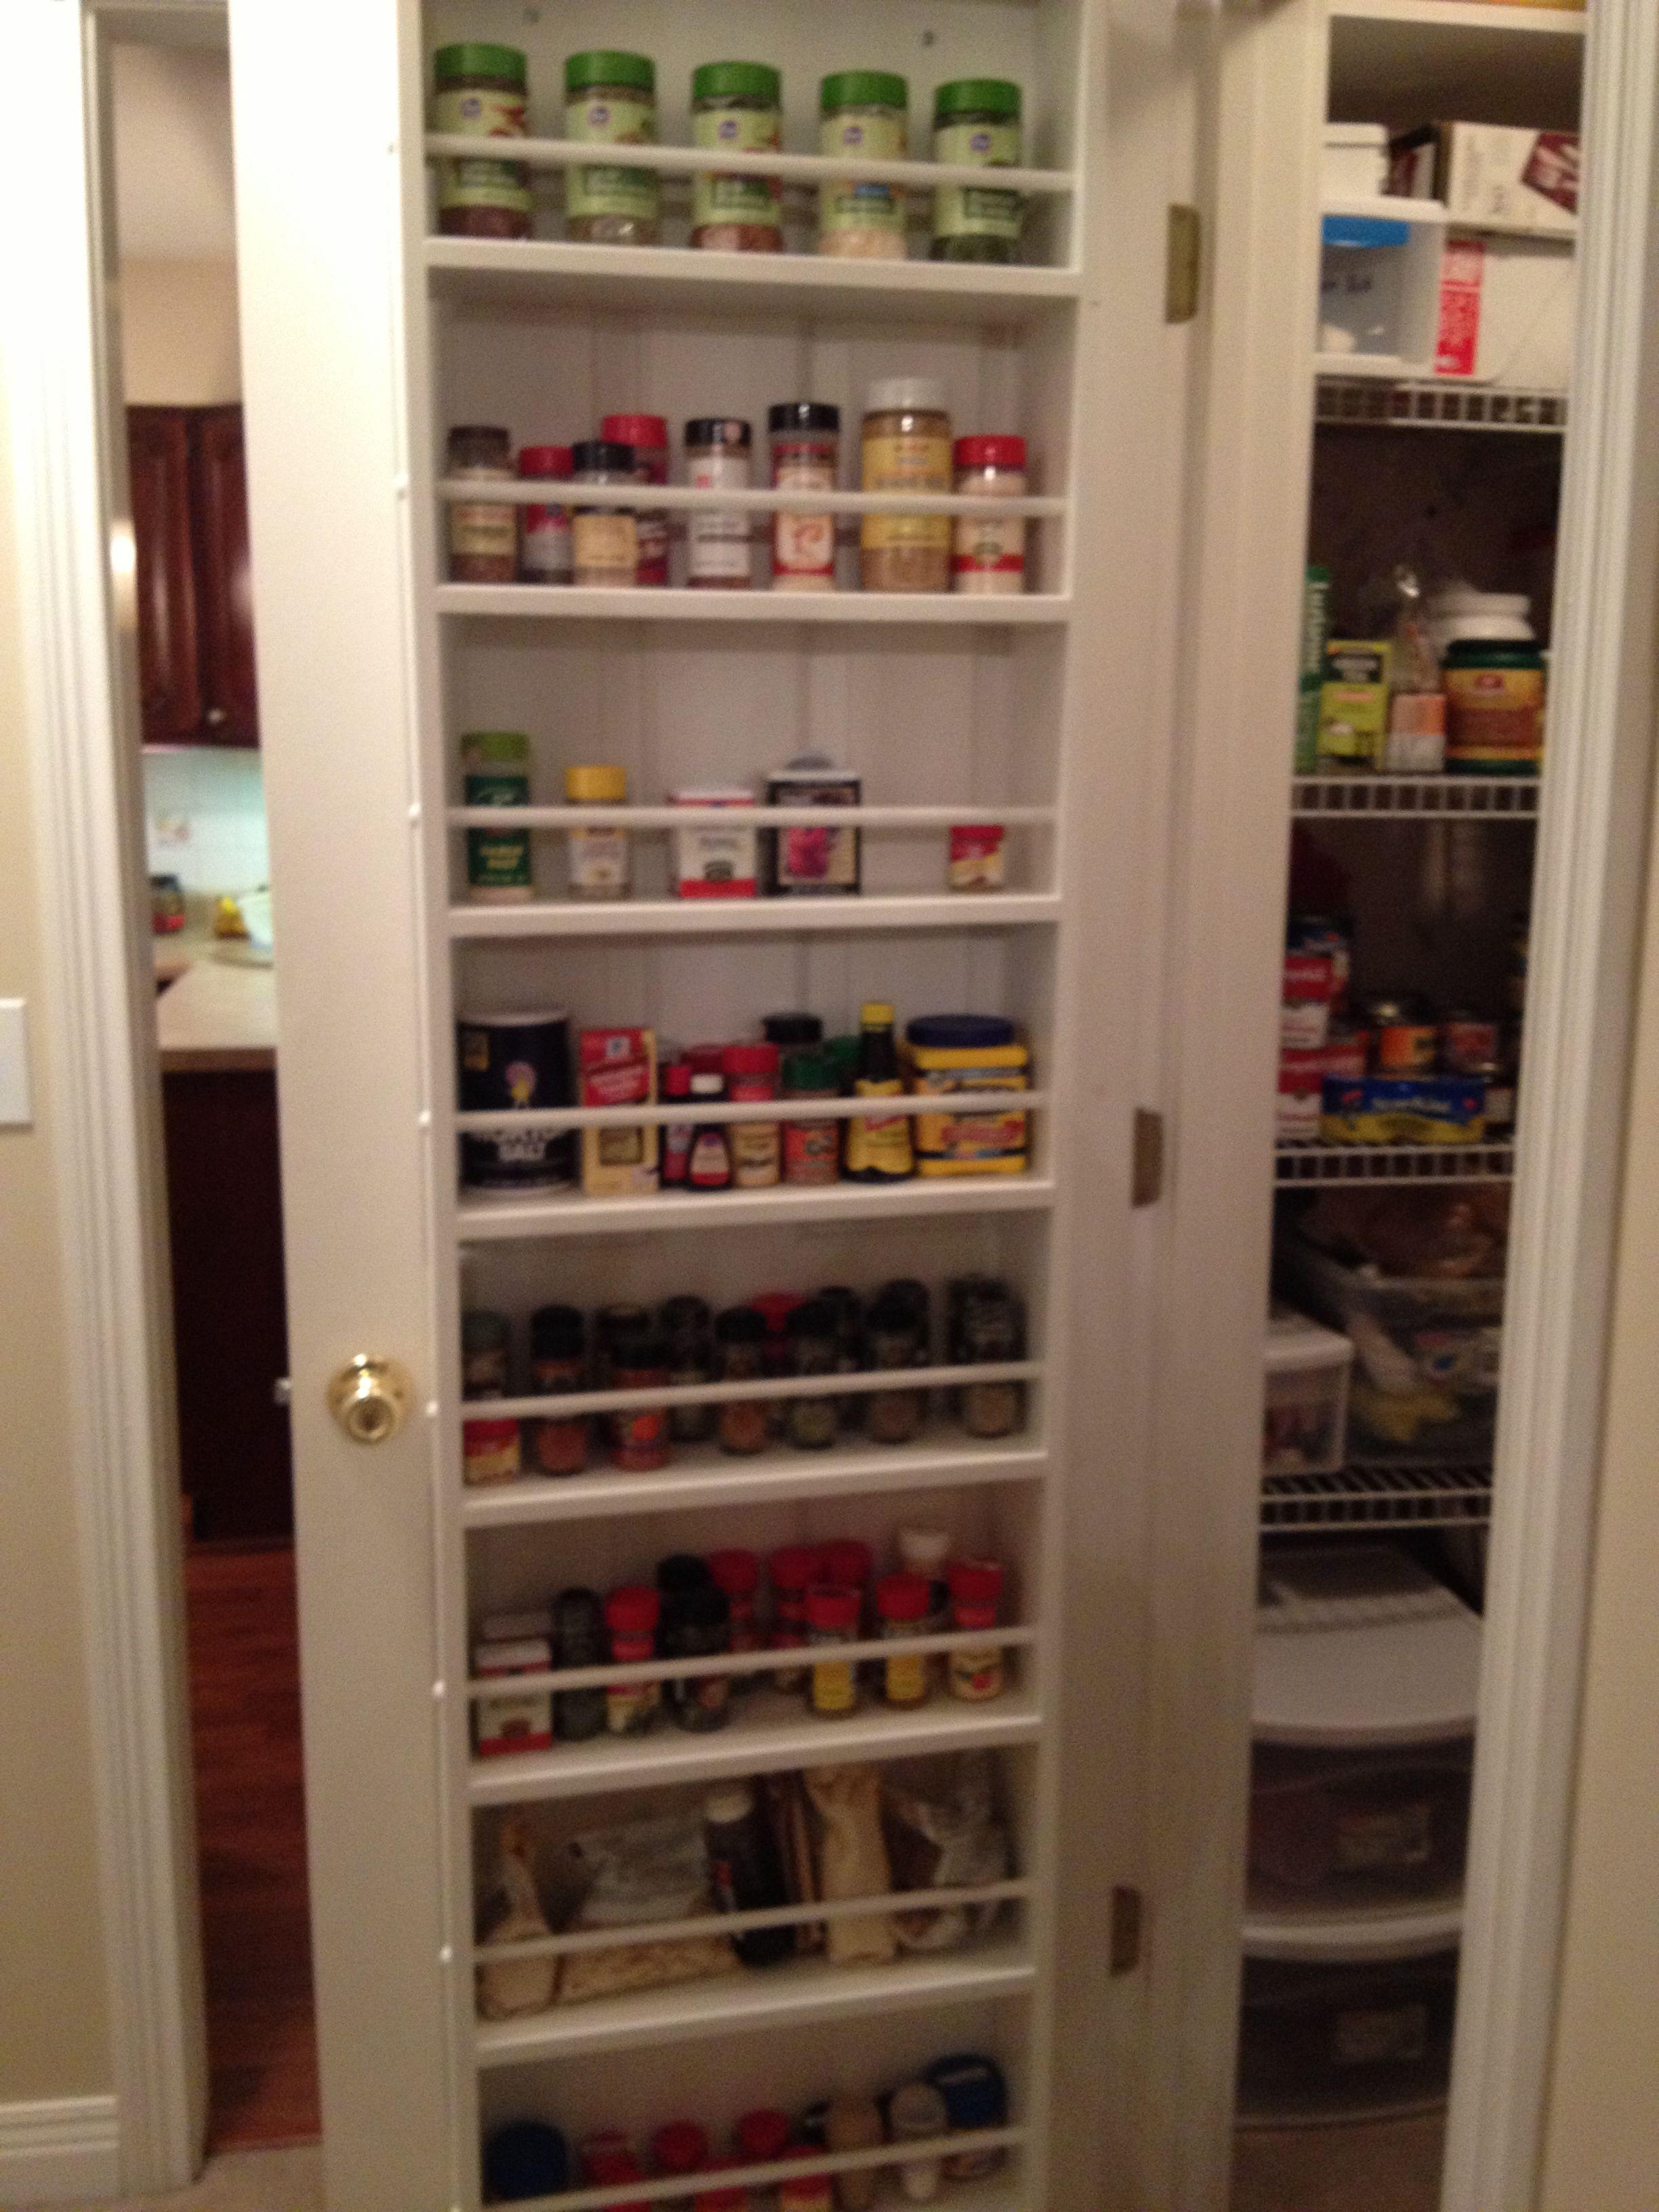 Behind The Pantry Door Spice Rack Door Spice Rack Ikea Spice Rack Spice Rack Design